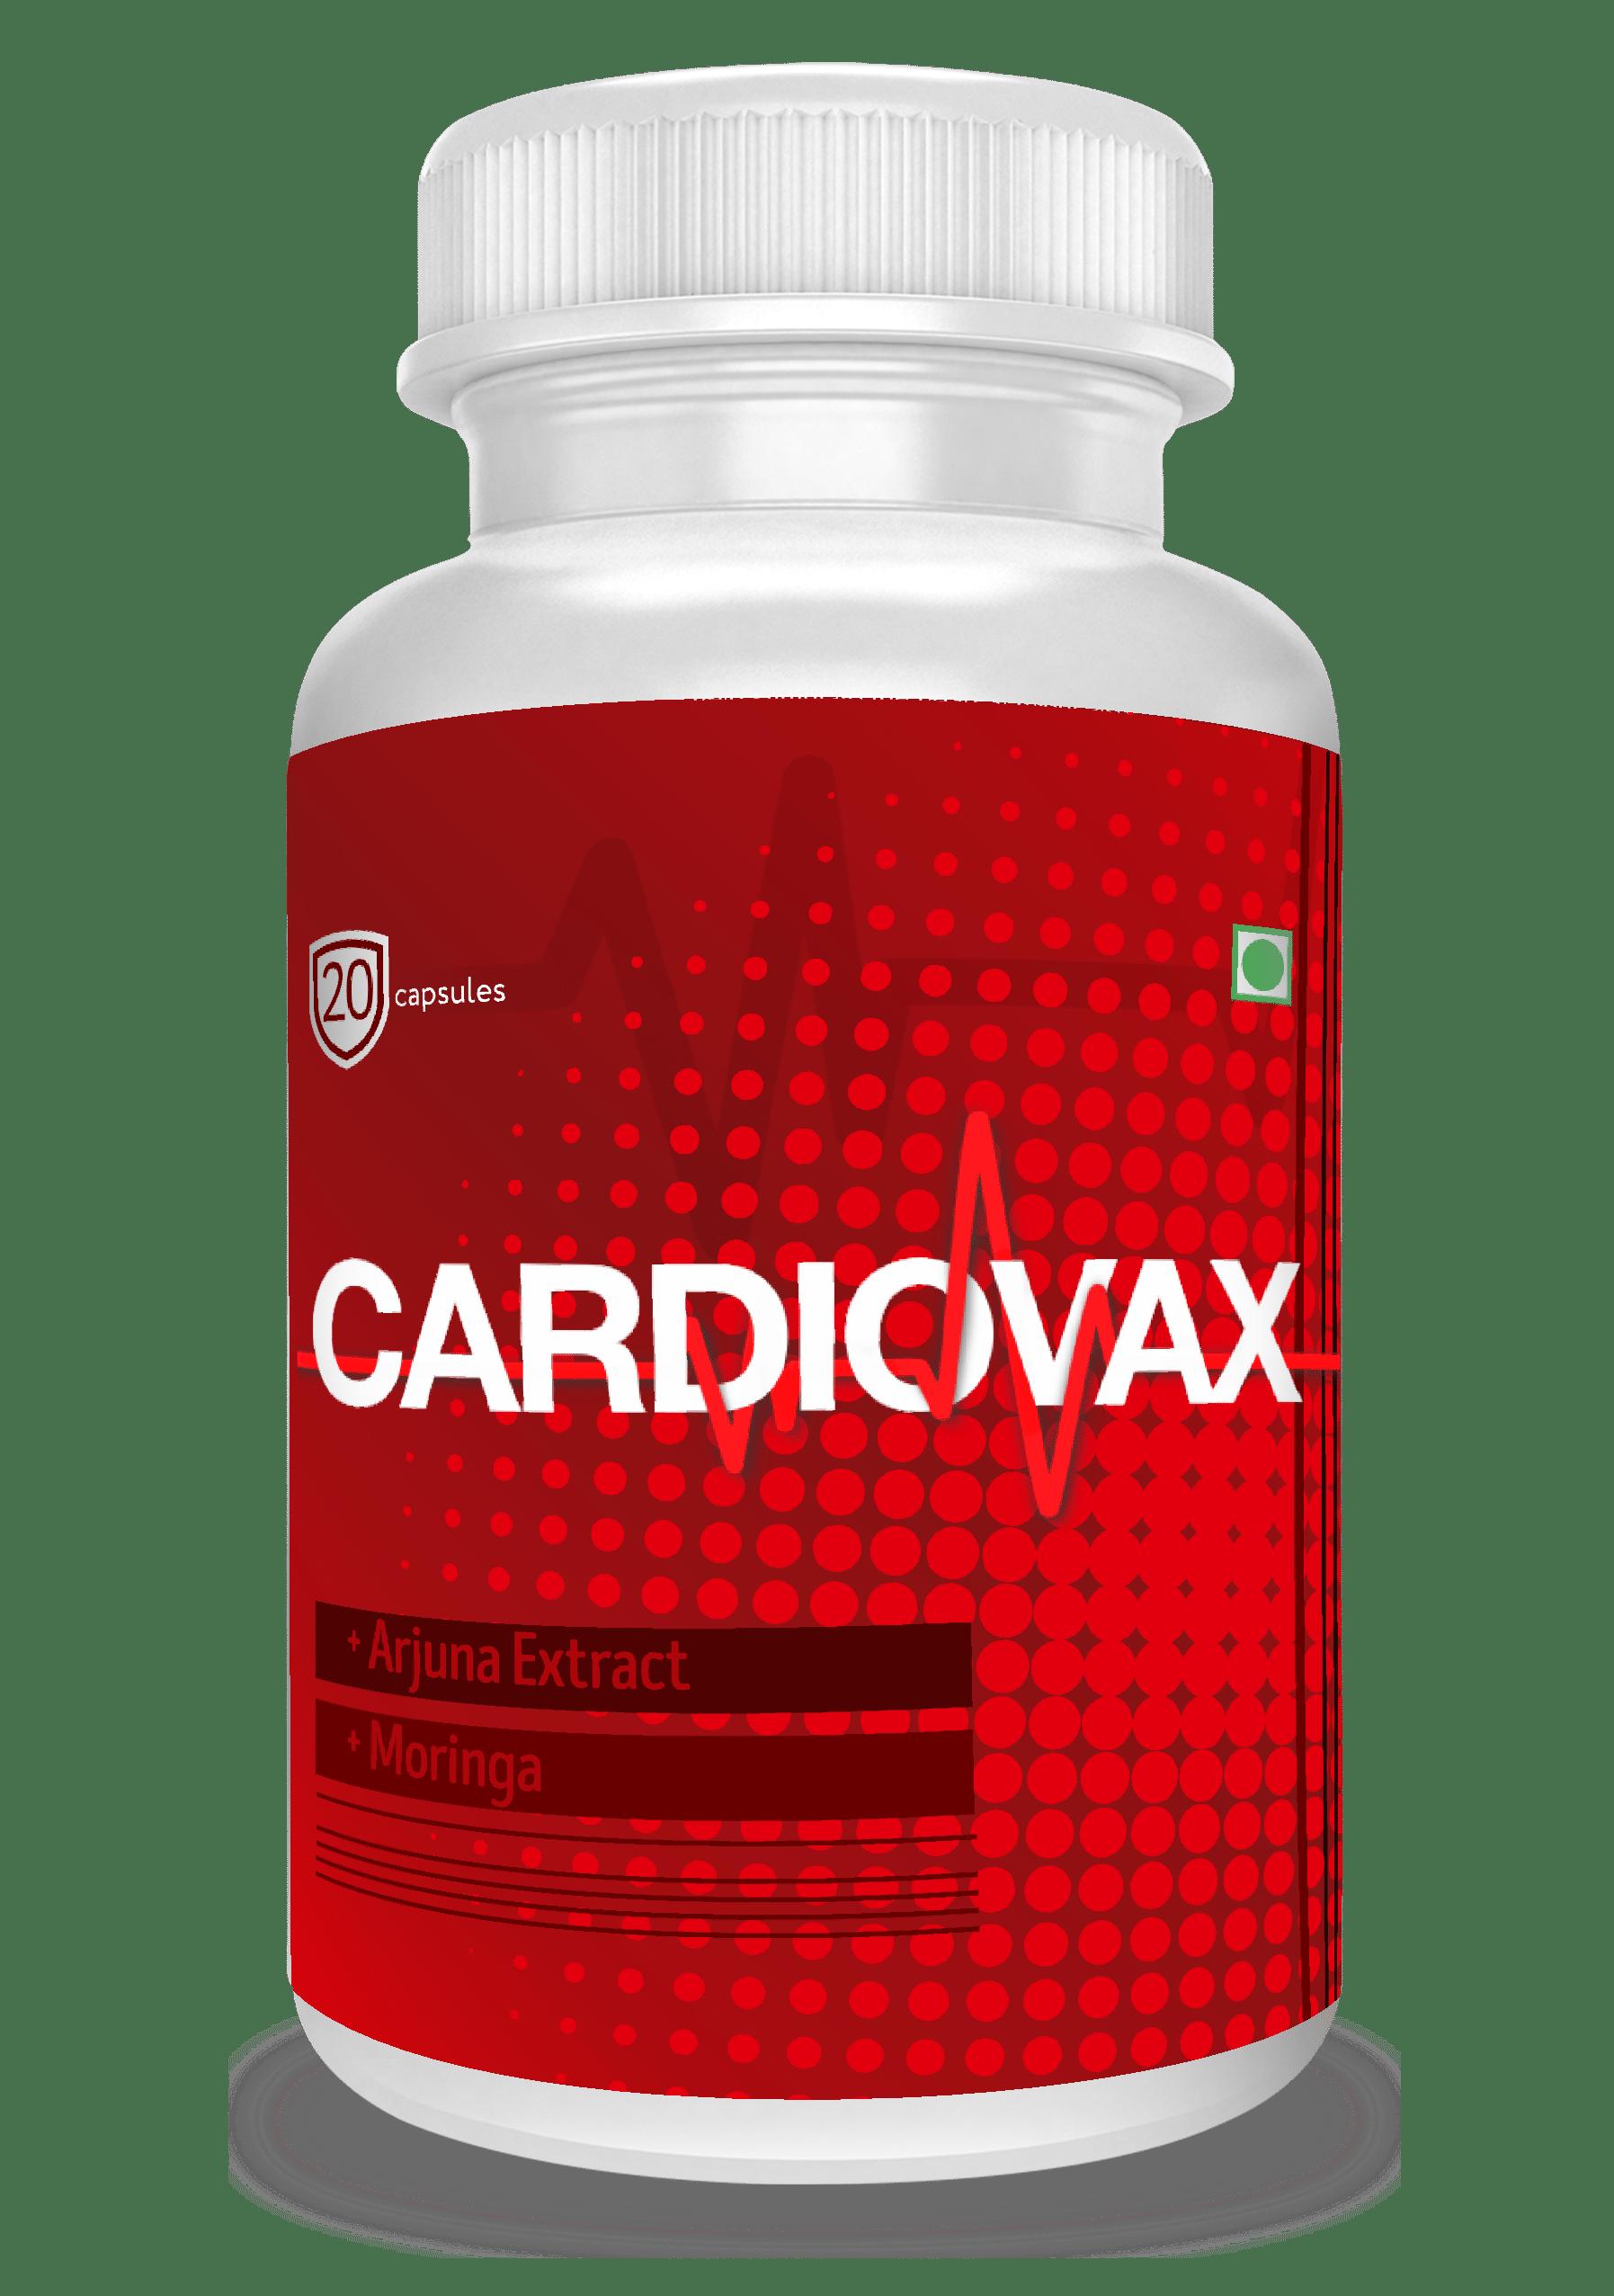 Cardiovax qué es?